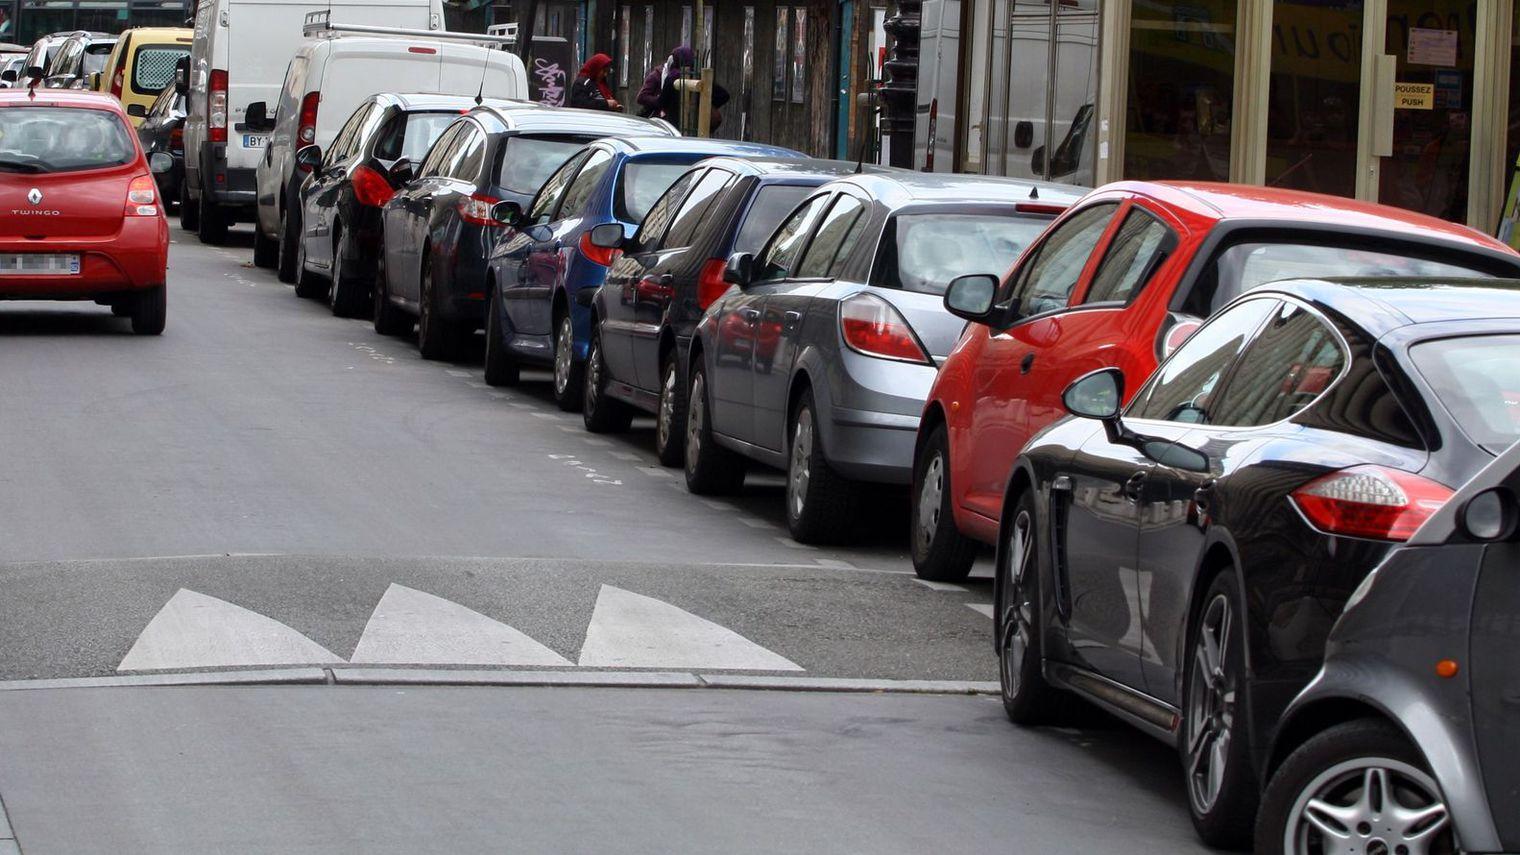 Location parking Bordeaux : du charme mais pas de places